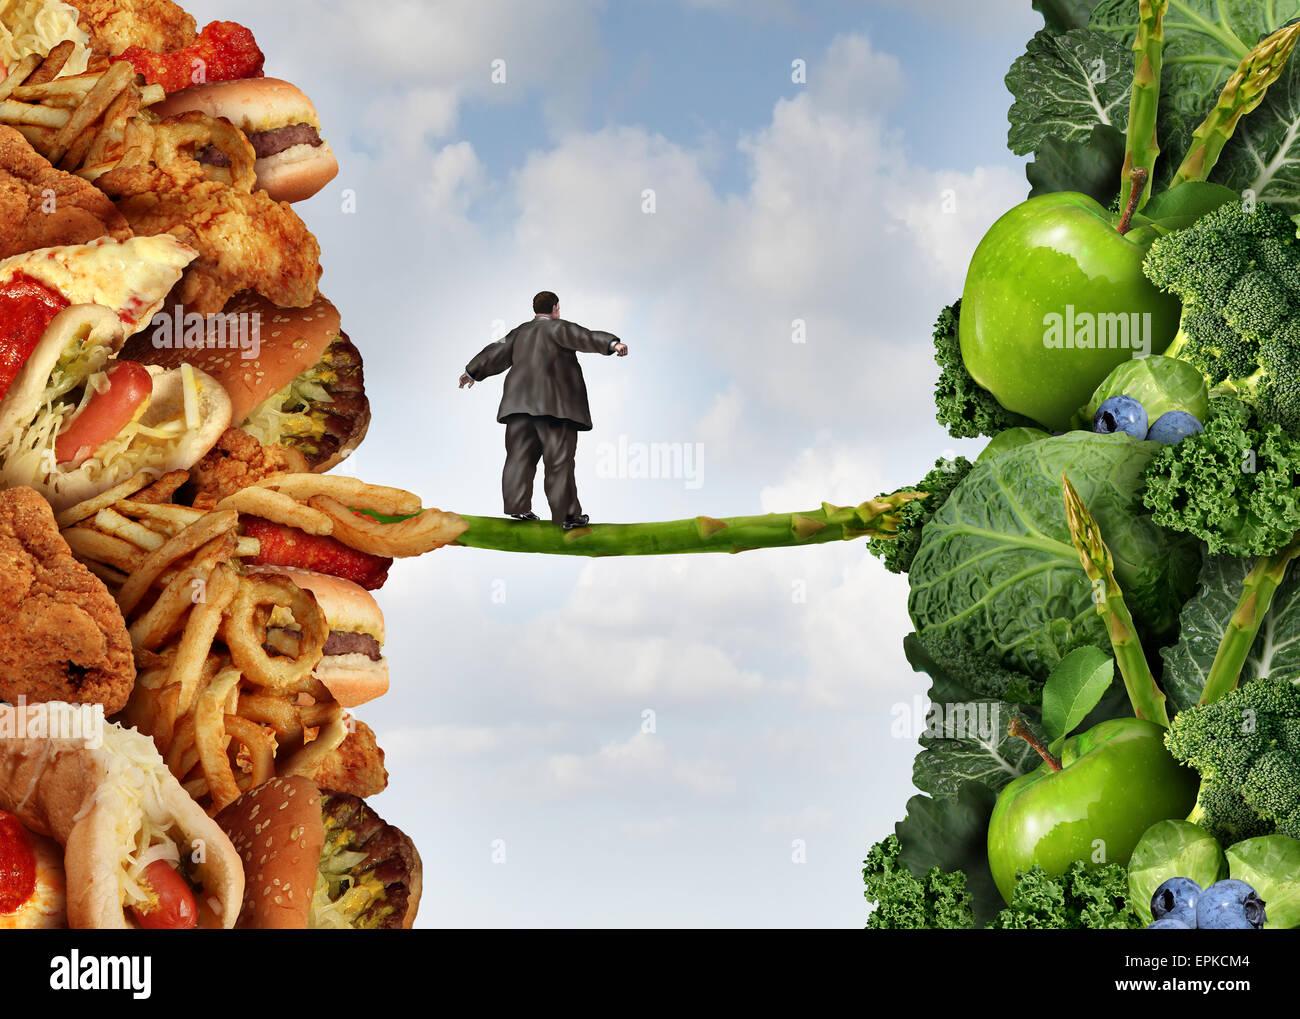 Modificare la dieta uno stile di vita sano concetto e avere il coraggio di accettare la sfida di perdere peso e Immagini Stock